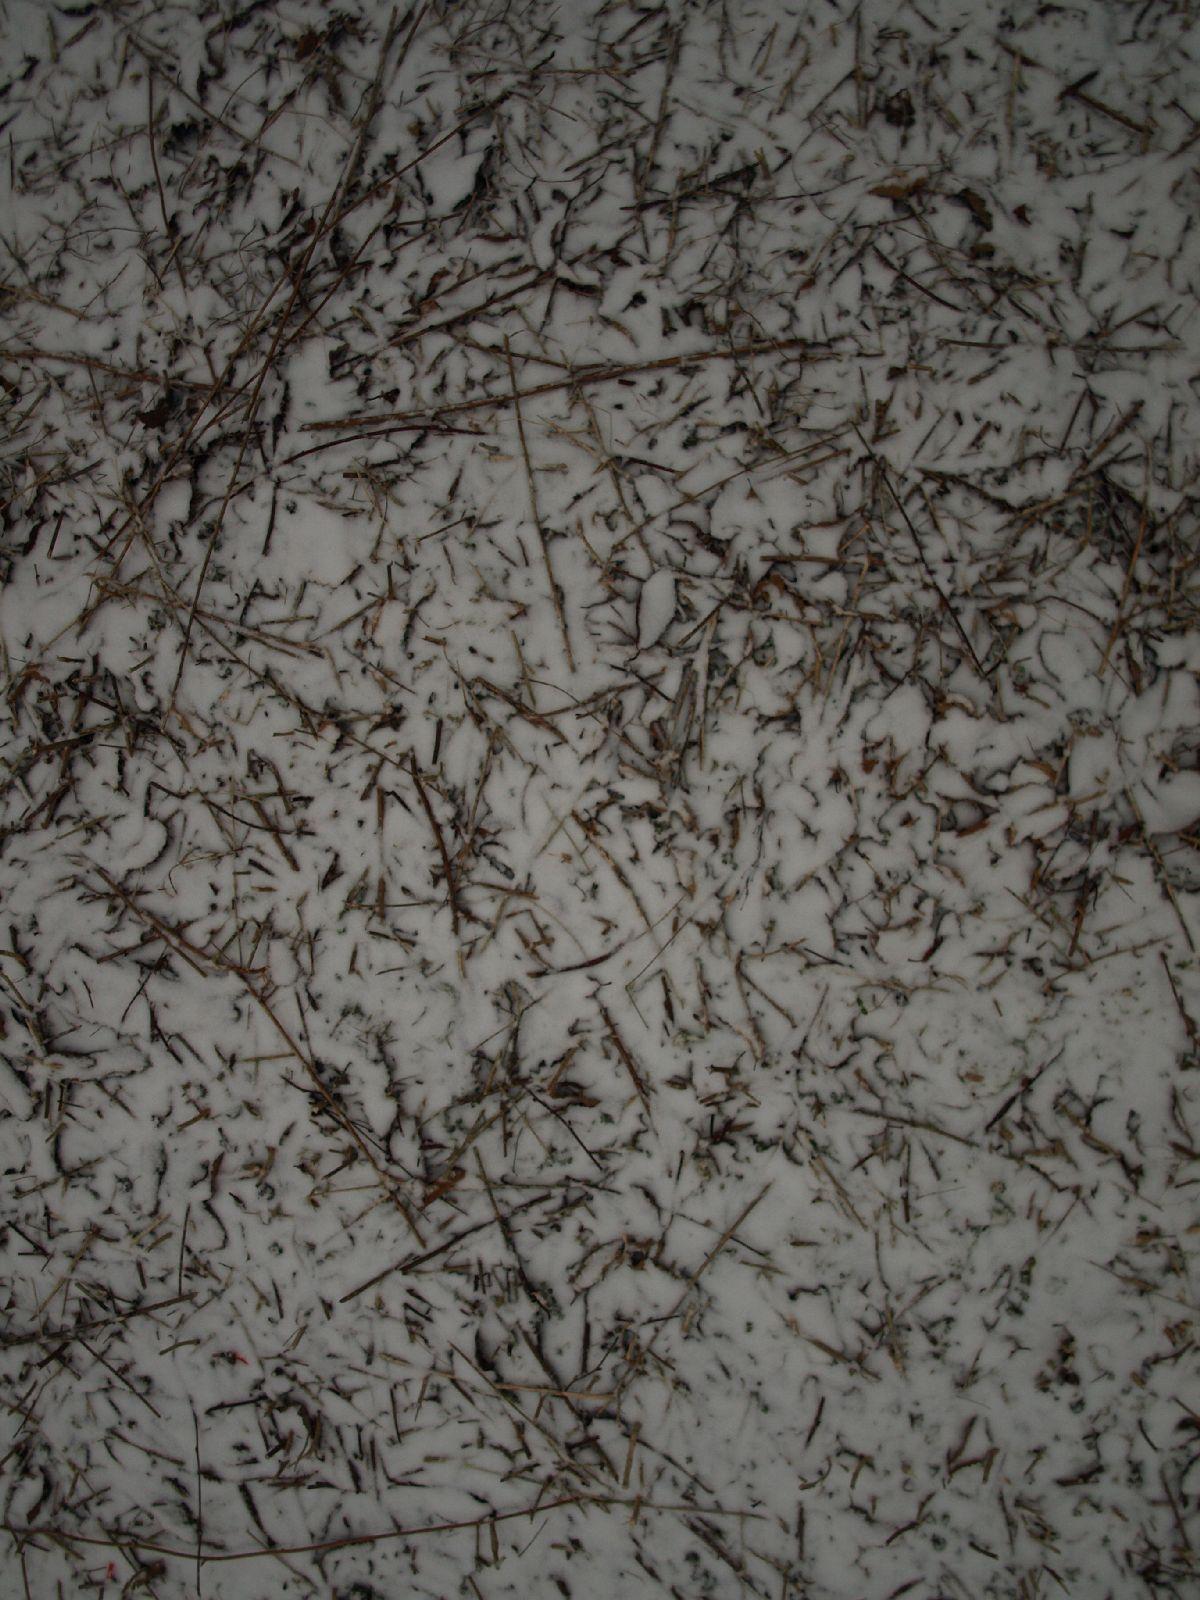 Schnee-Eis_Textur_A_P1028735